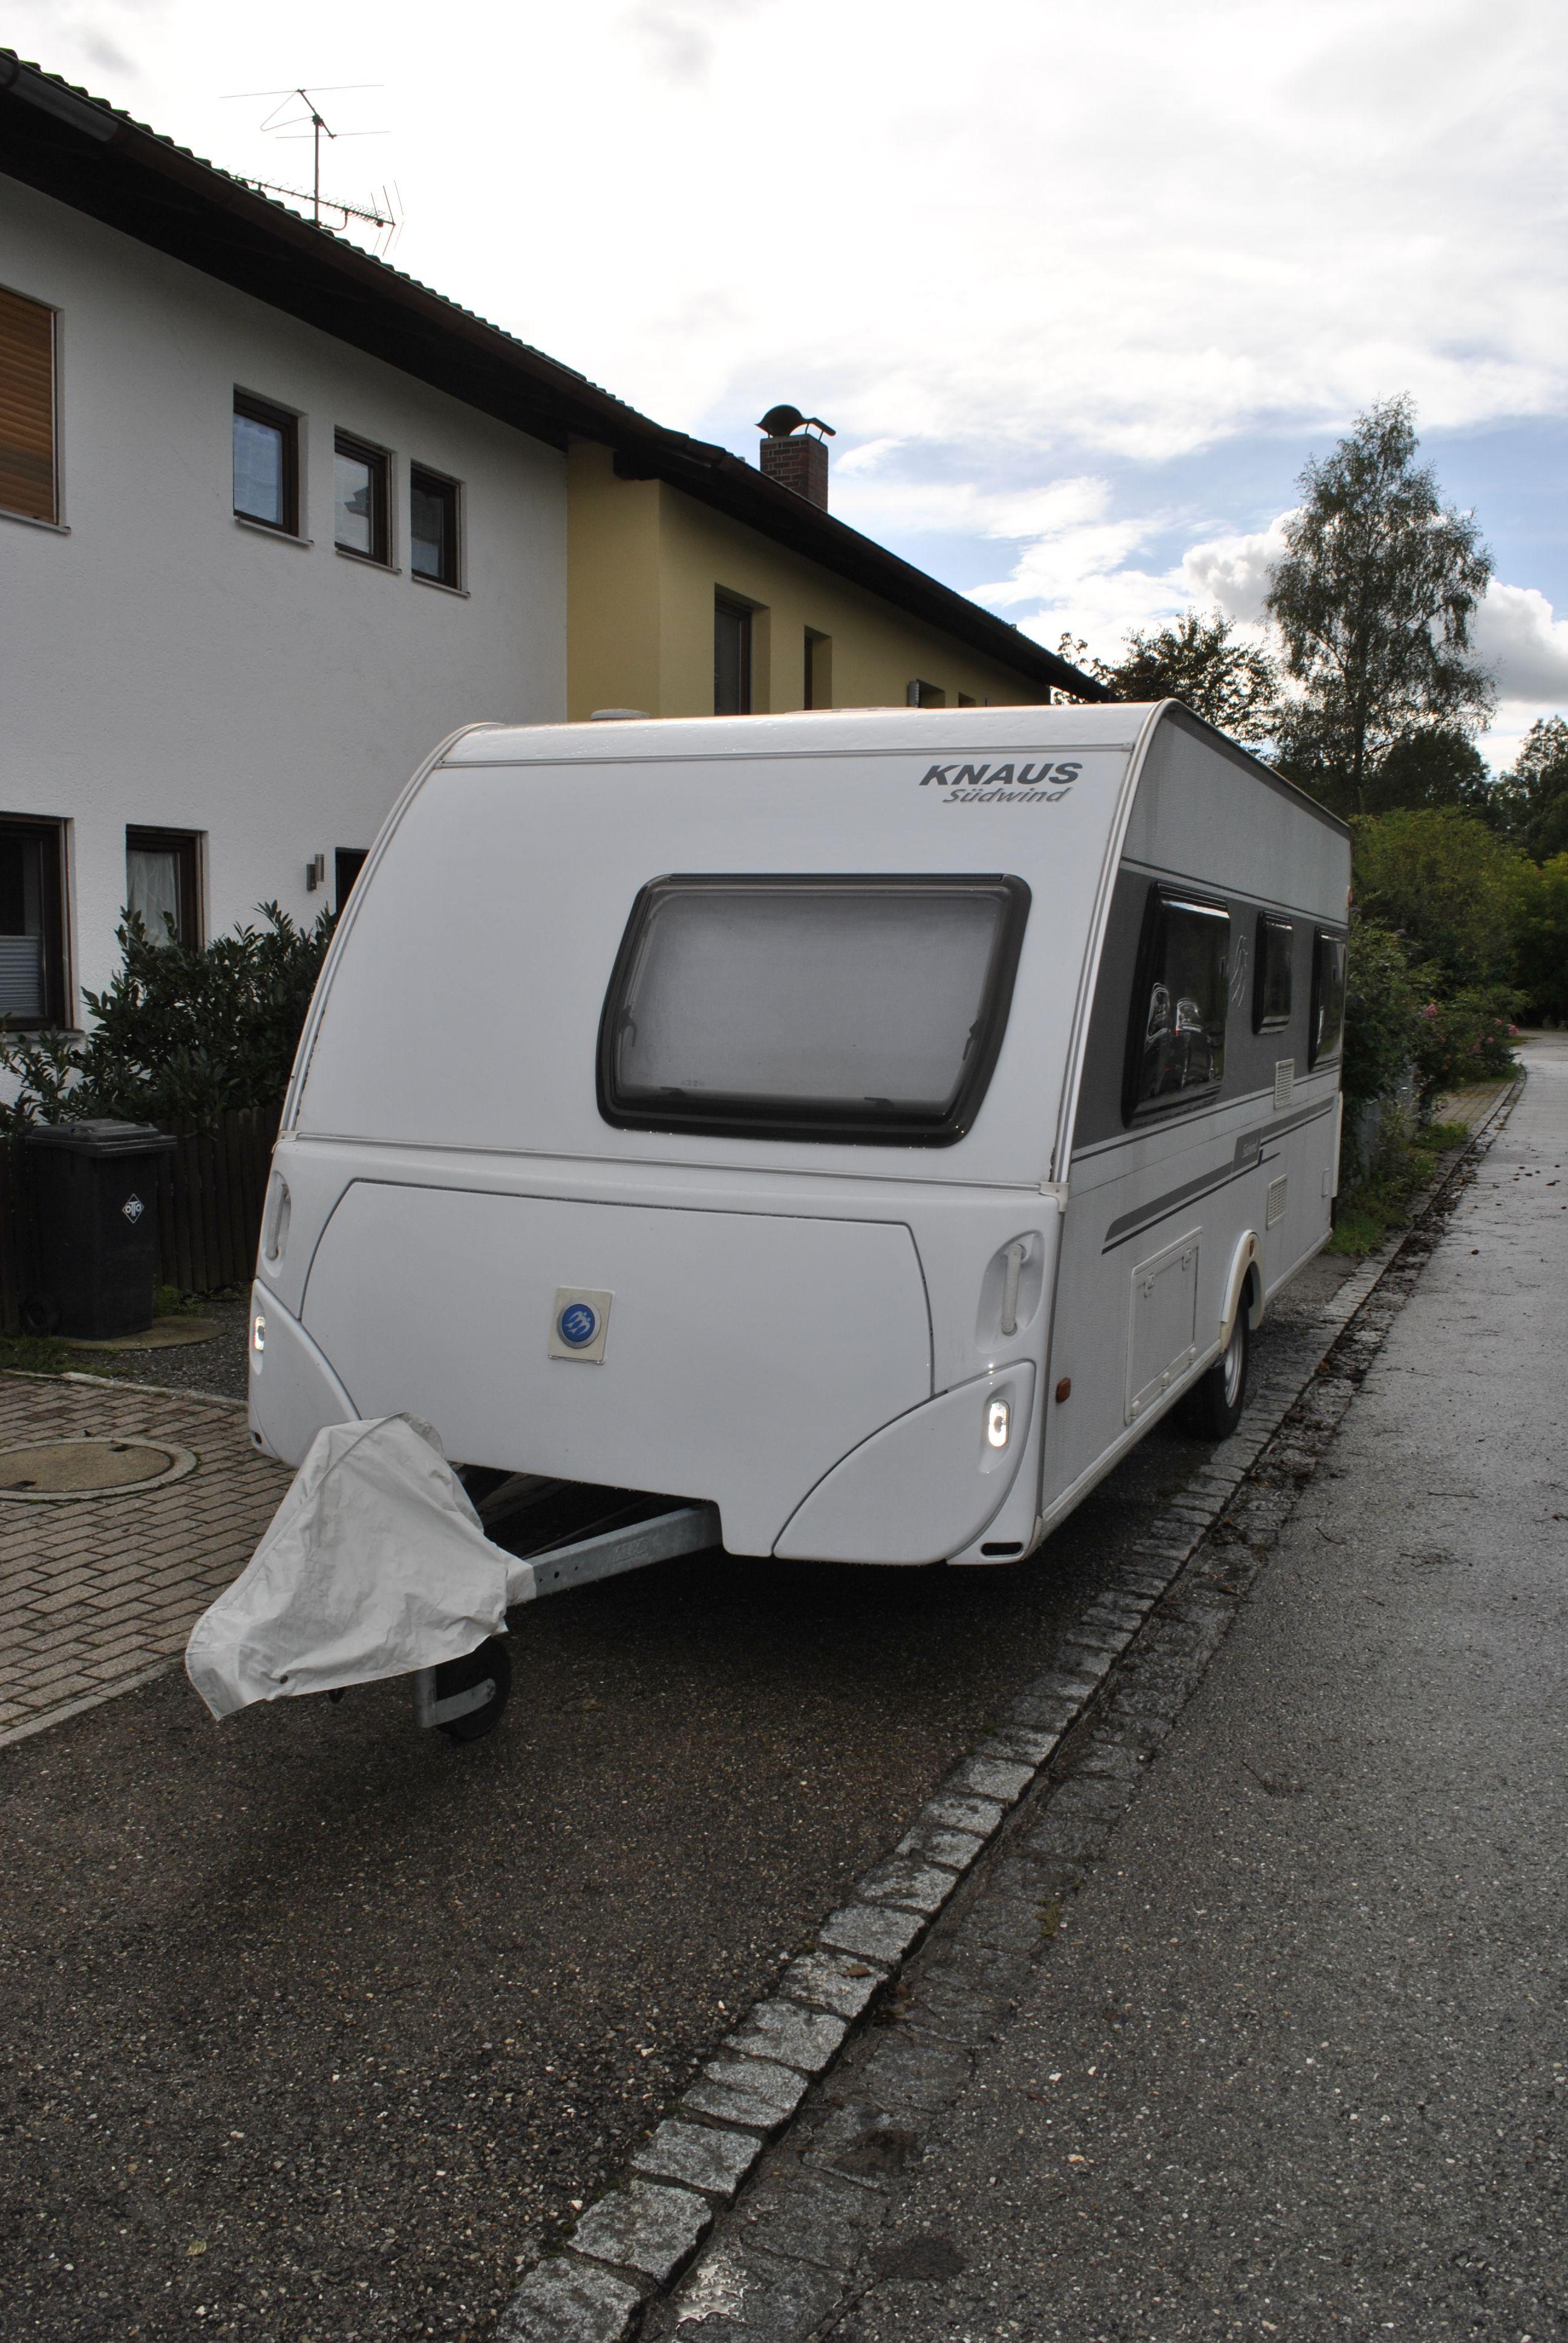 Home  Wohnwagen mieten, Caravan, Wohnmobil mieten